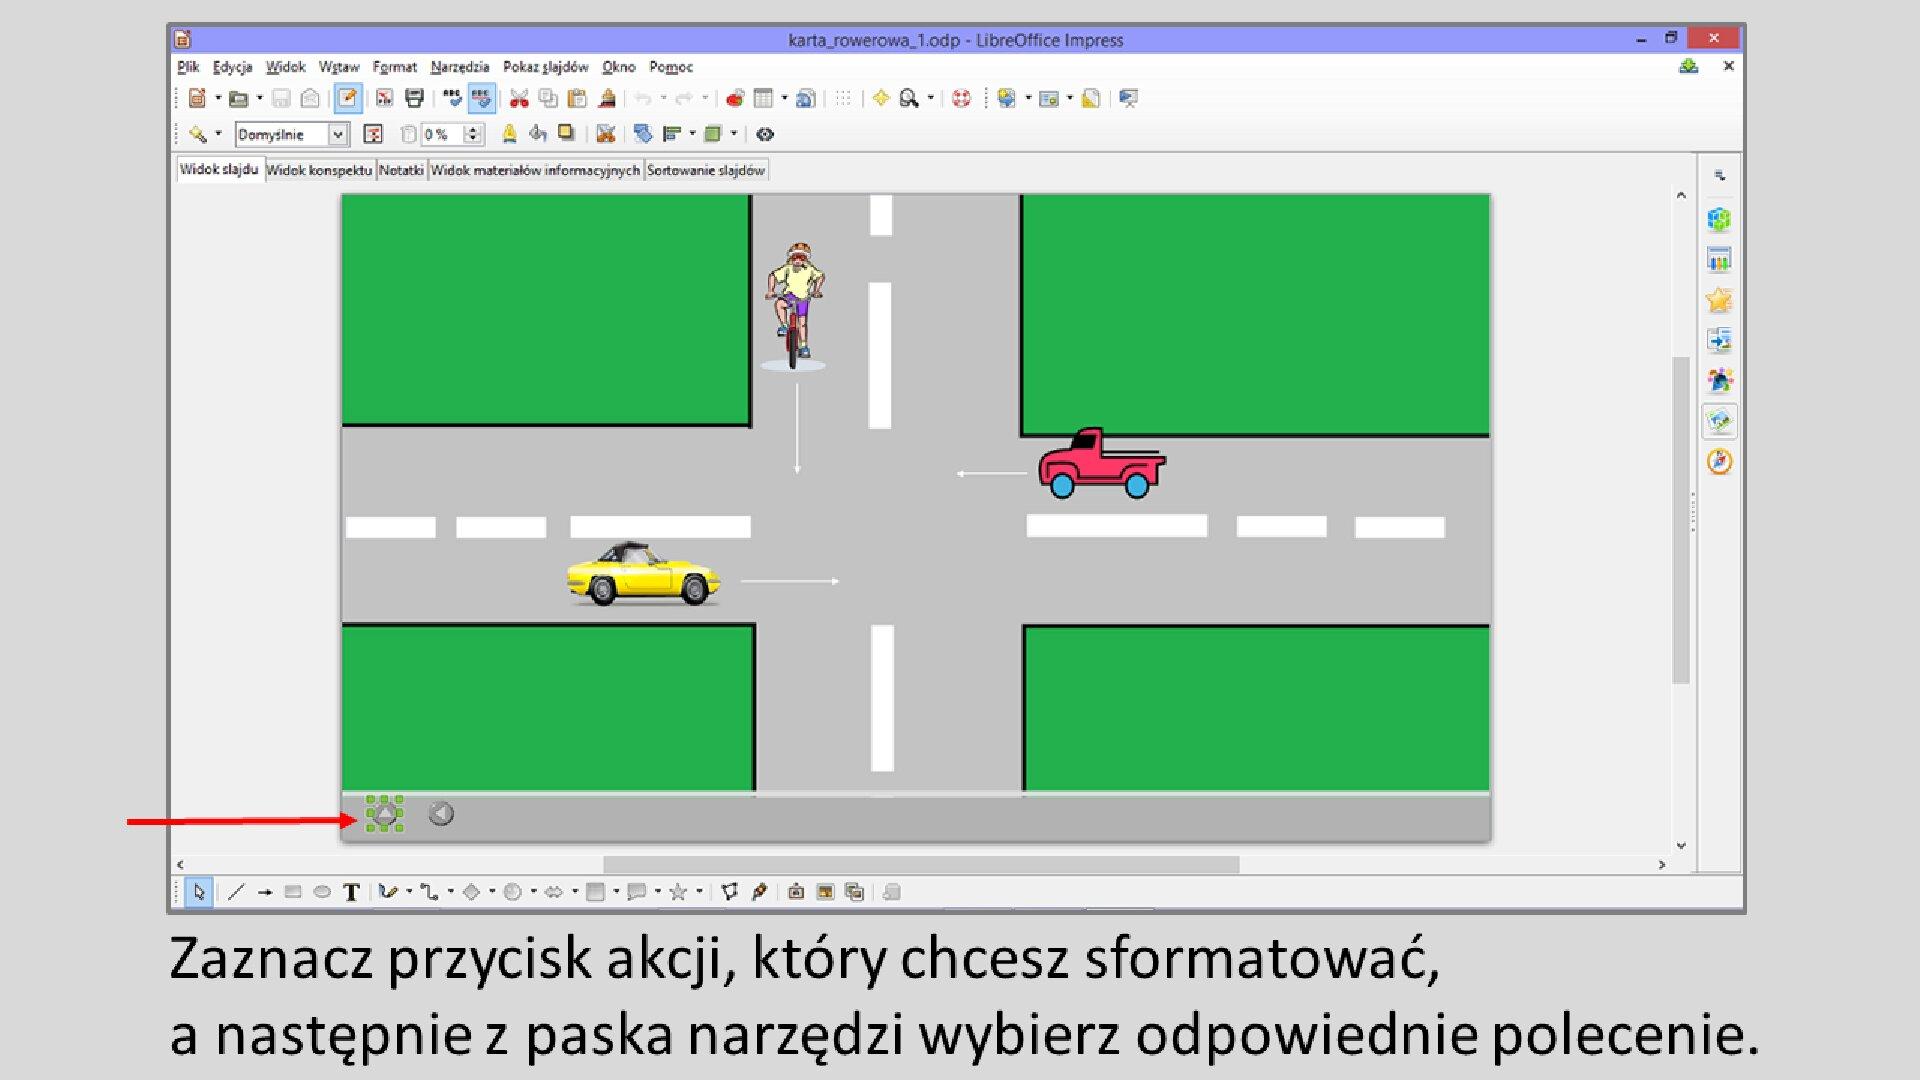 Slajd 1 galerii: Formatowanie przycisków akcji wprogramie LibreOffice Impress